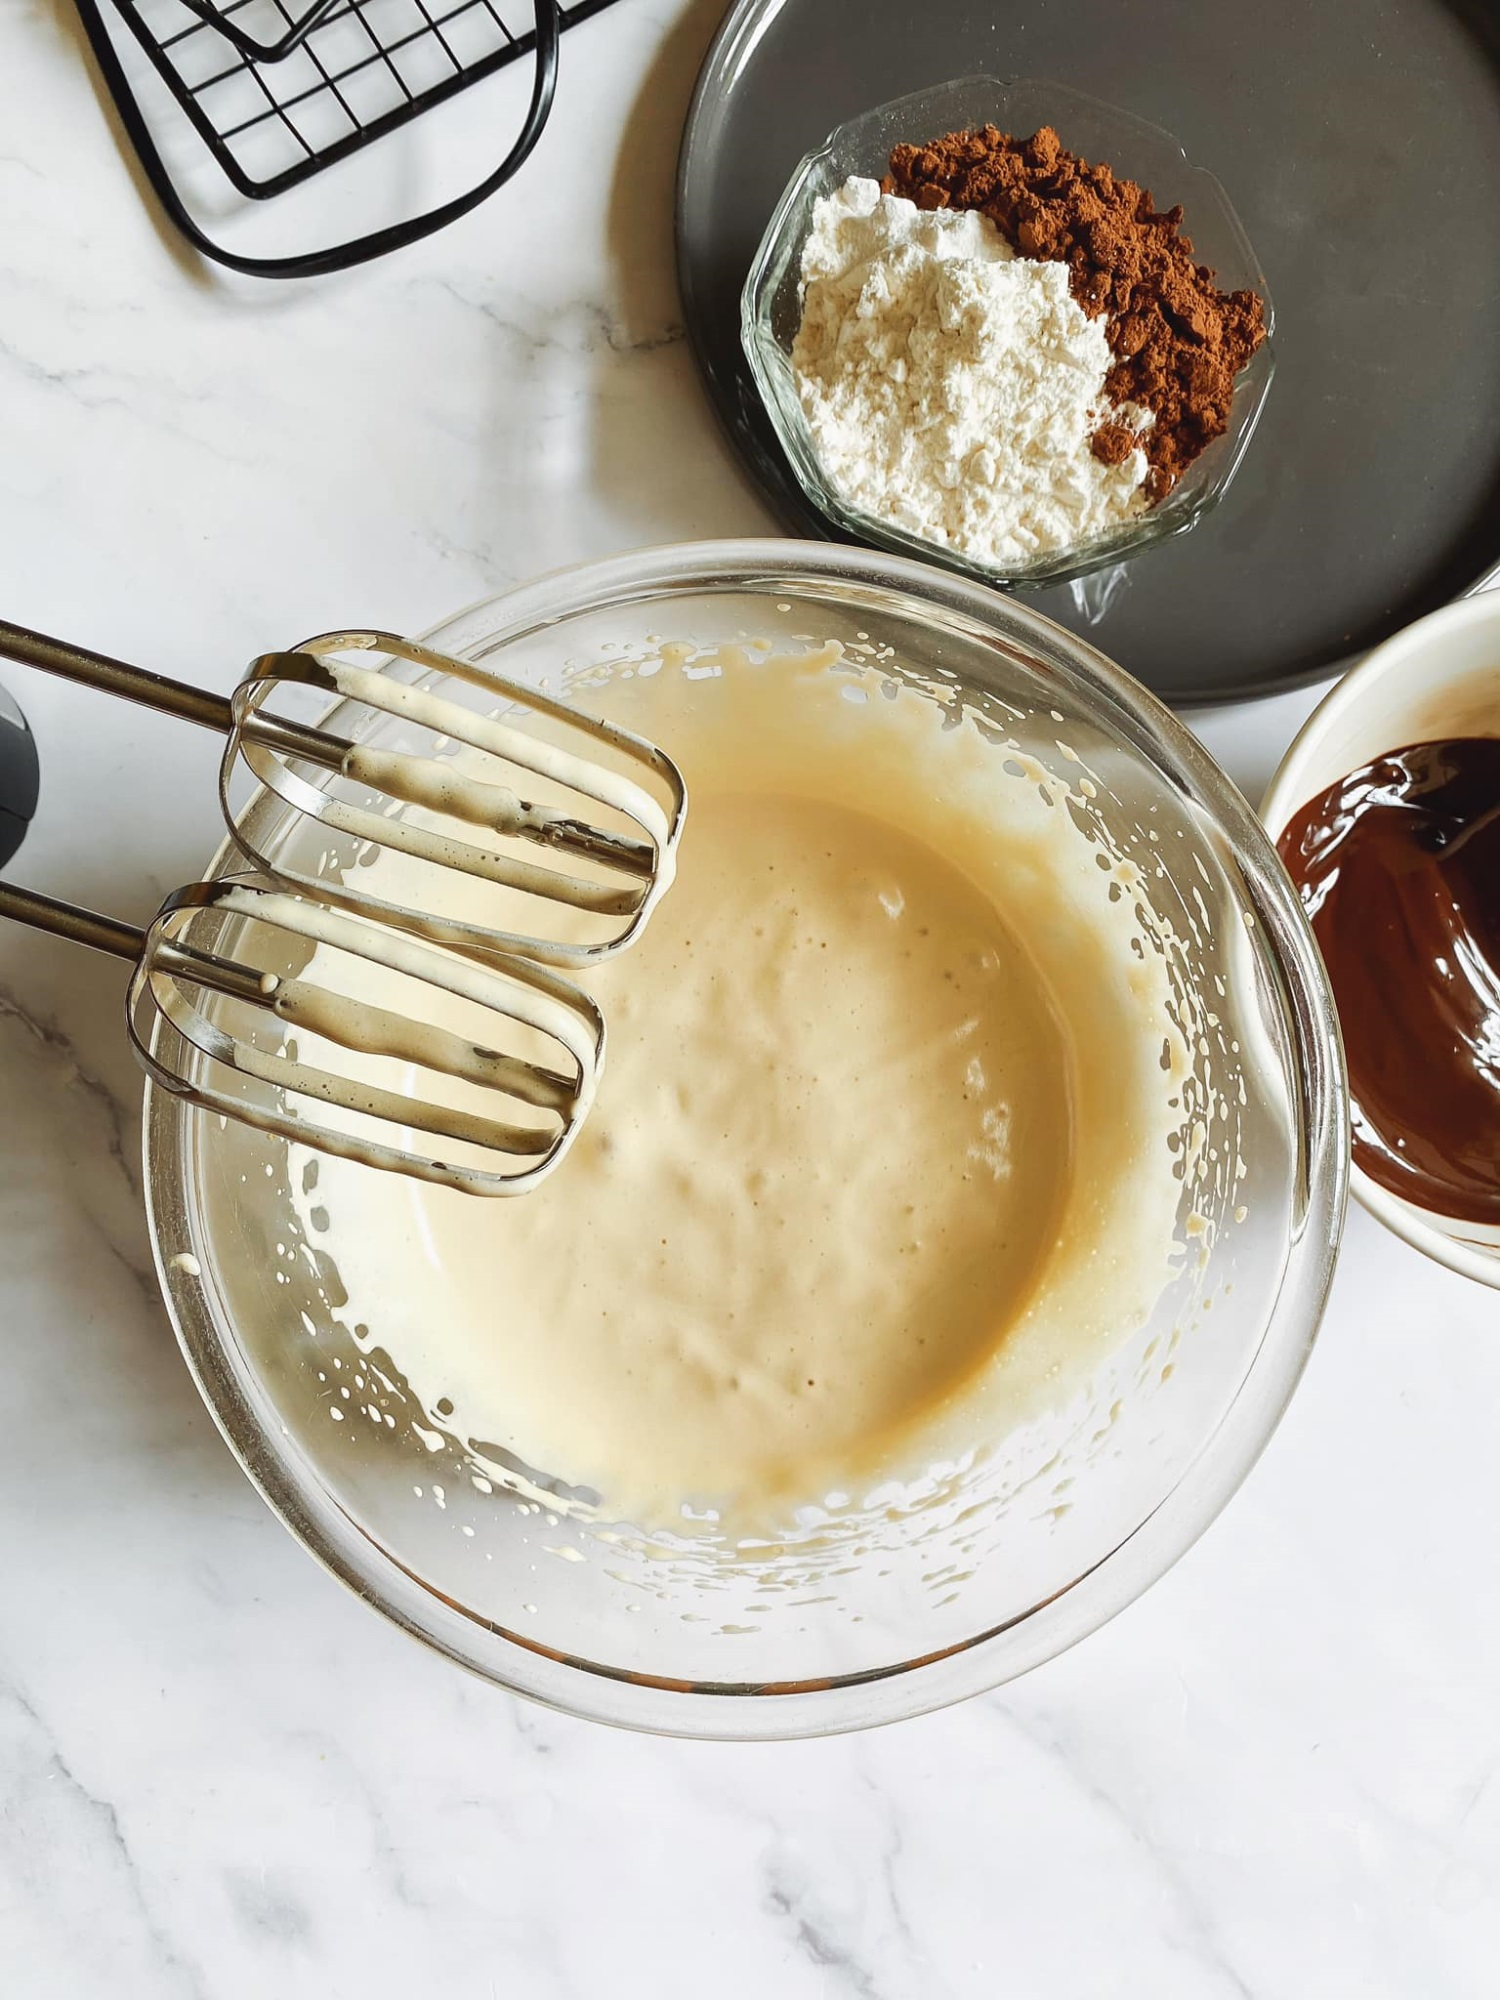 Biến cuộc sống nhàm chán ở nhà trở nên thú vị, 'ngọt lịm' với món bánh quy 'Brownie quái vật', trẻ thì thích chồng thì khen ngon - Ảnh 3